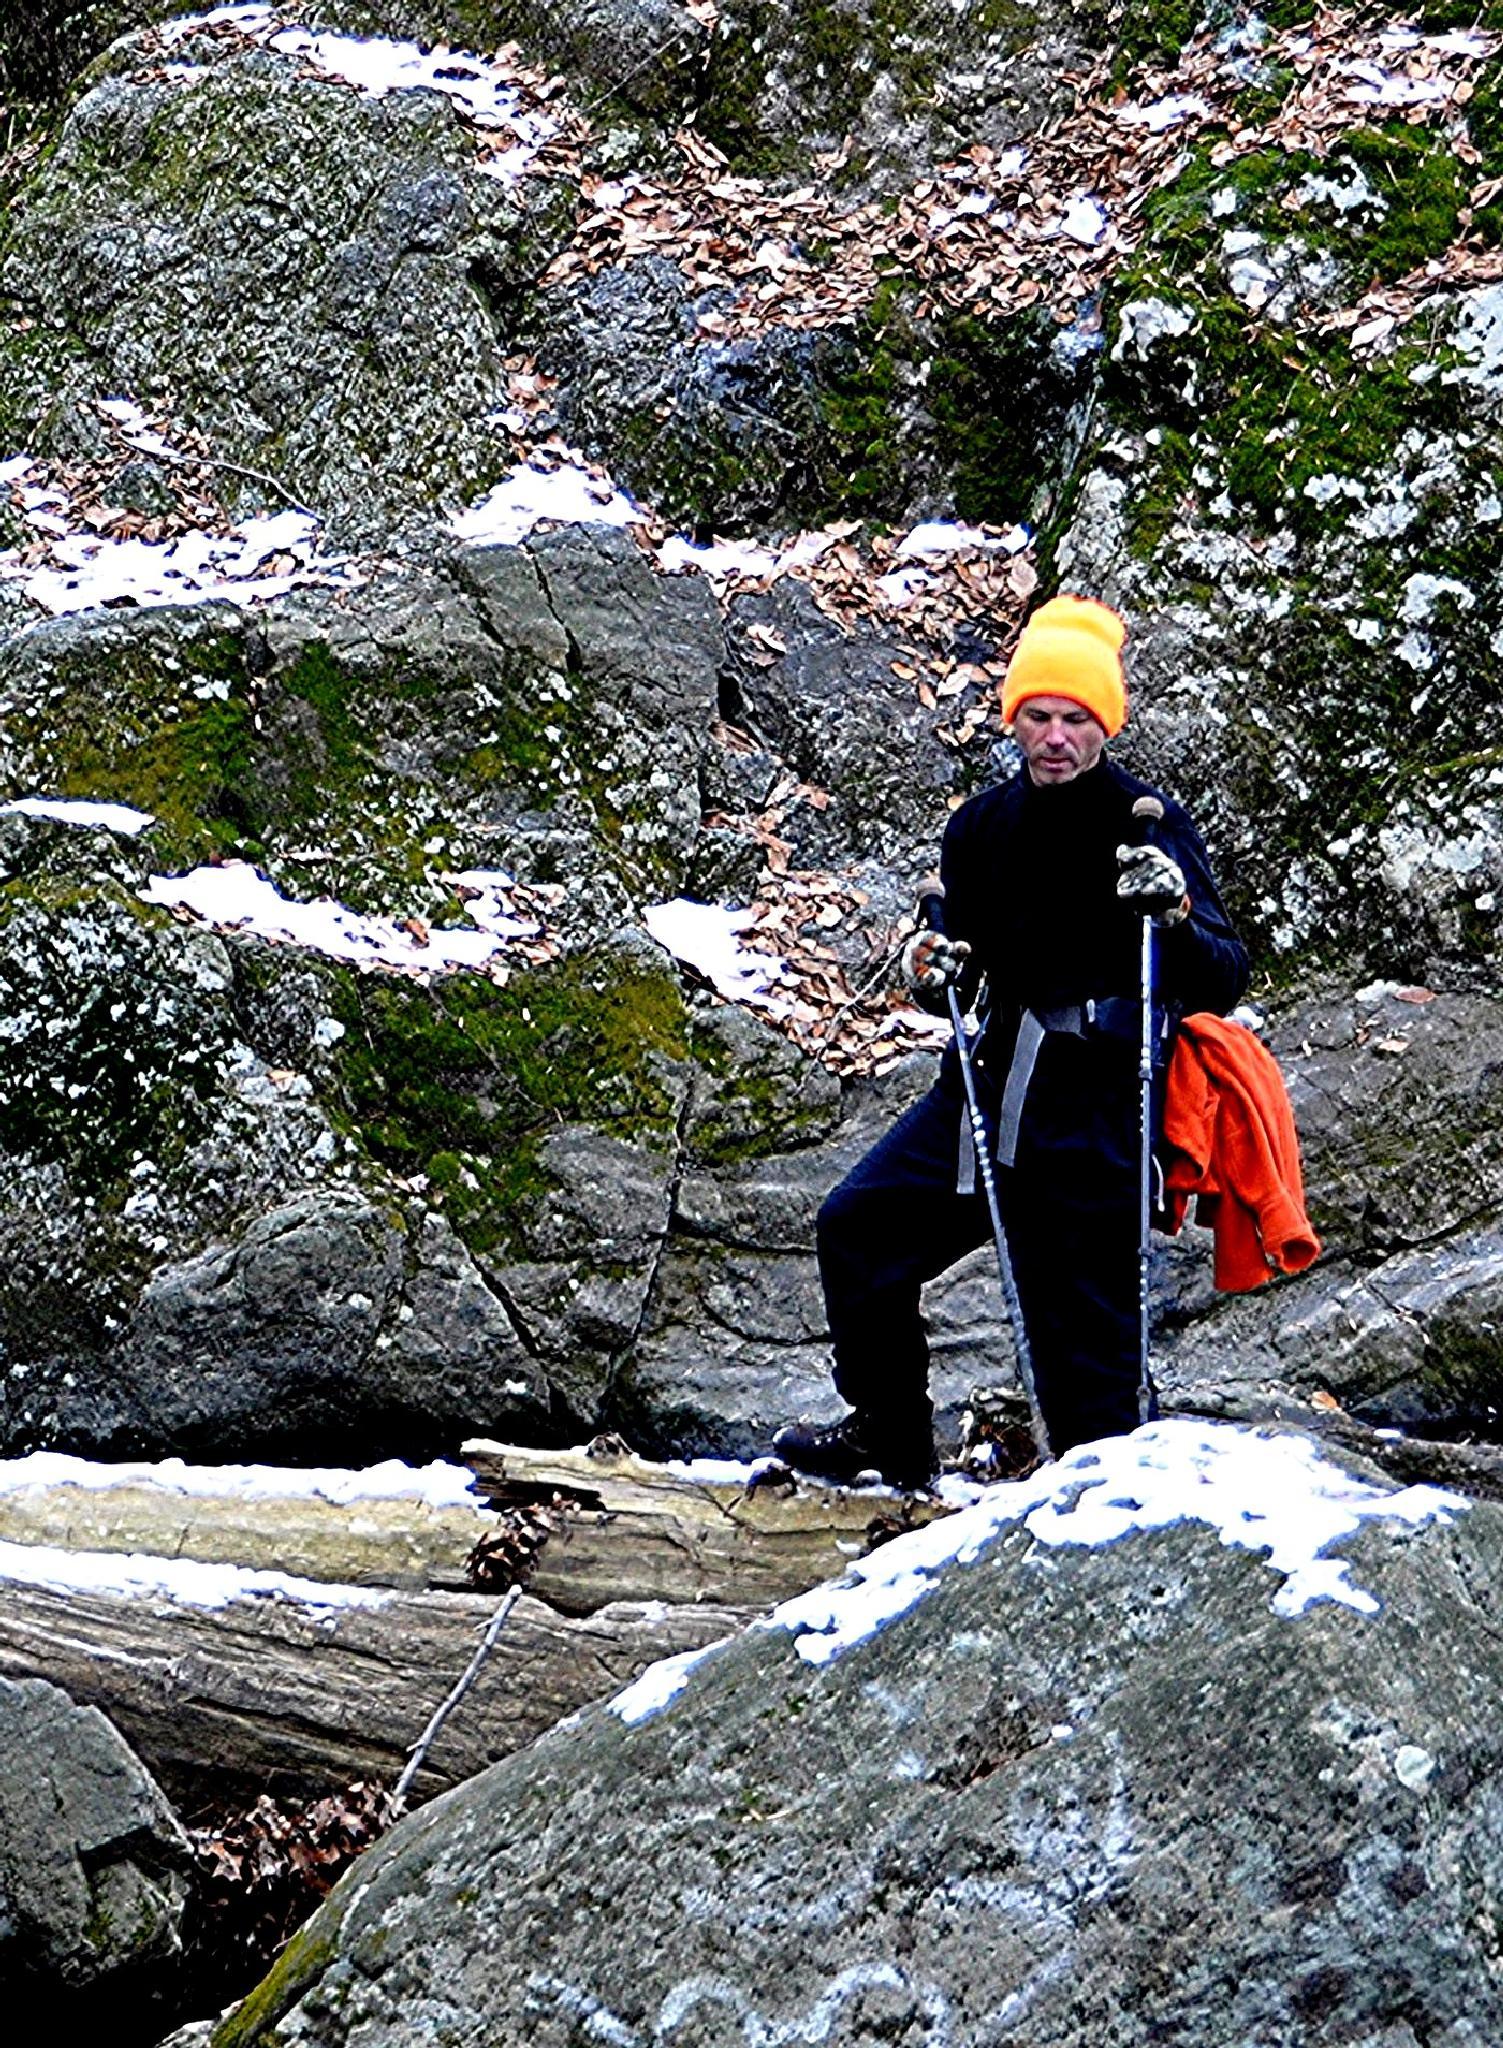 Winter Climb by Joeski